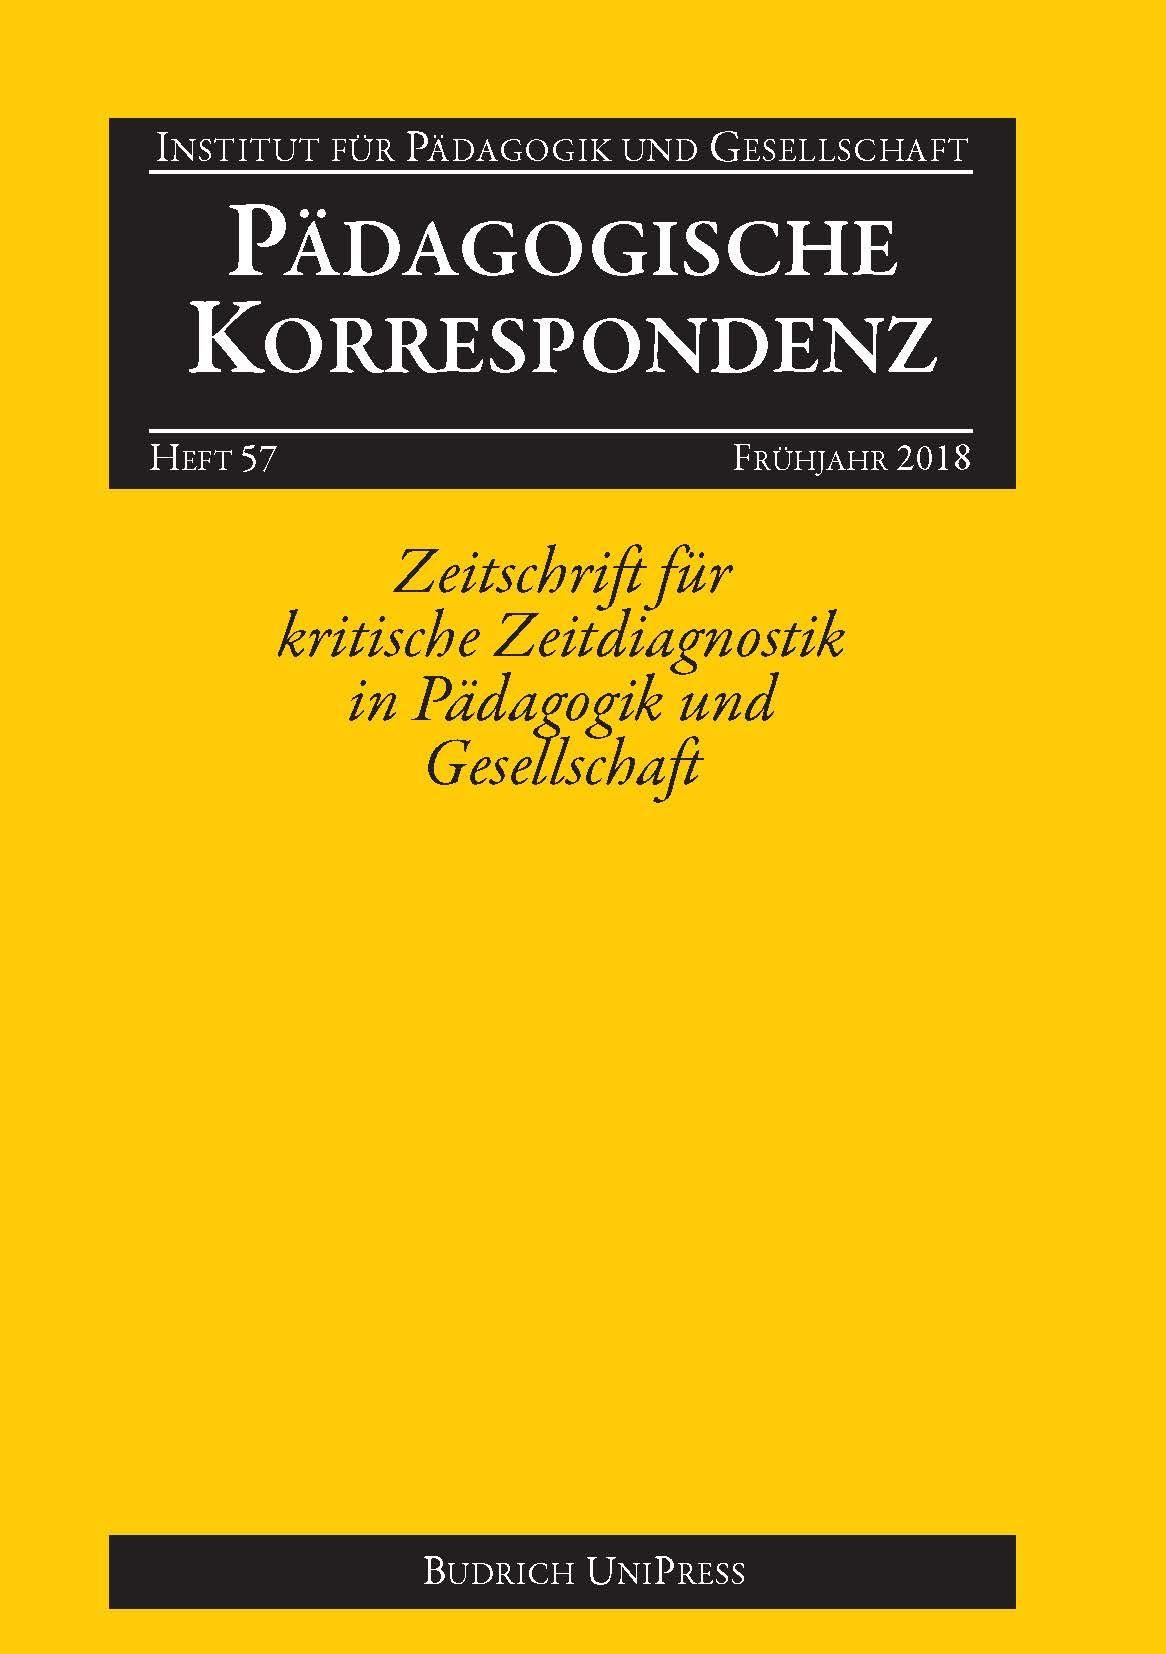 Pädagogische Korrespondenz 57 (1-2018) | Freie Beiträge